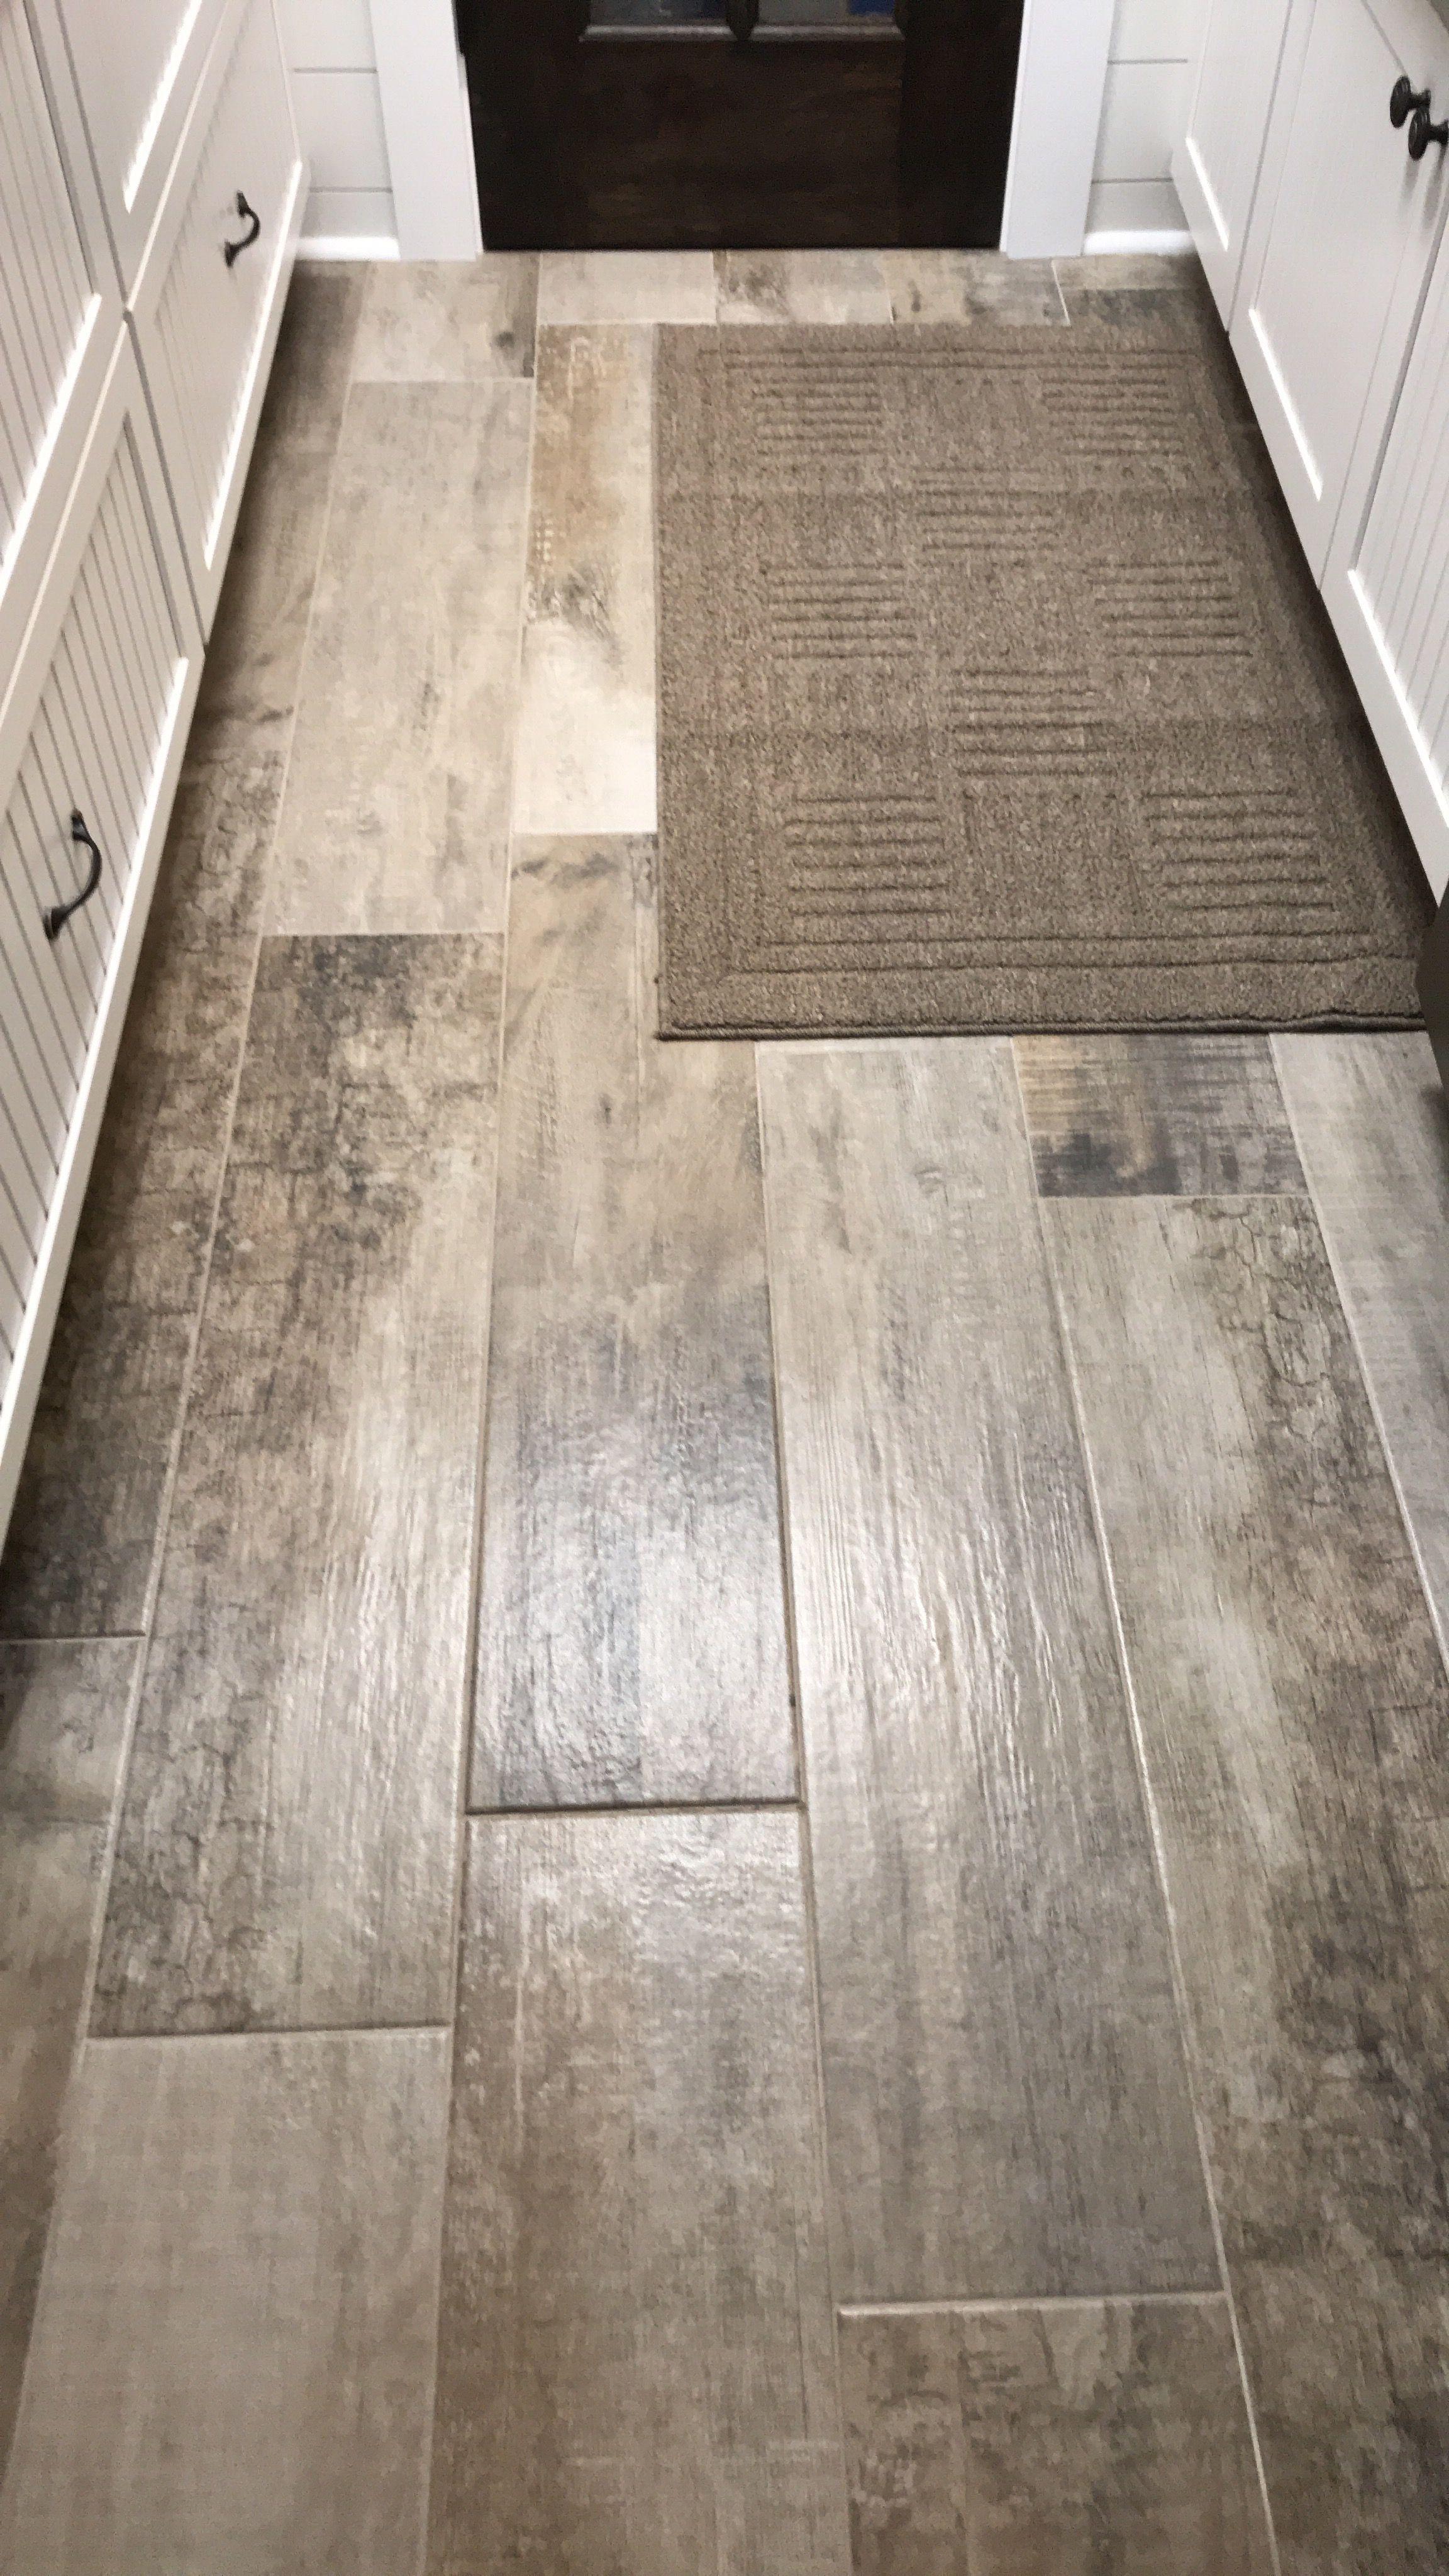 msi barnwood cognac 8 in x 36 in matte porcelain floor and wall tile 14 sq ft case nhdbarncog8x36 the home depot in 2021 wood look tile floor wood tile bathroom wood look tile